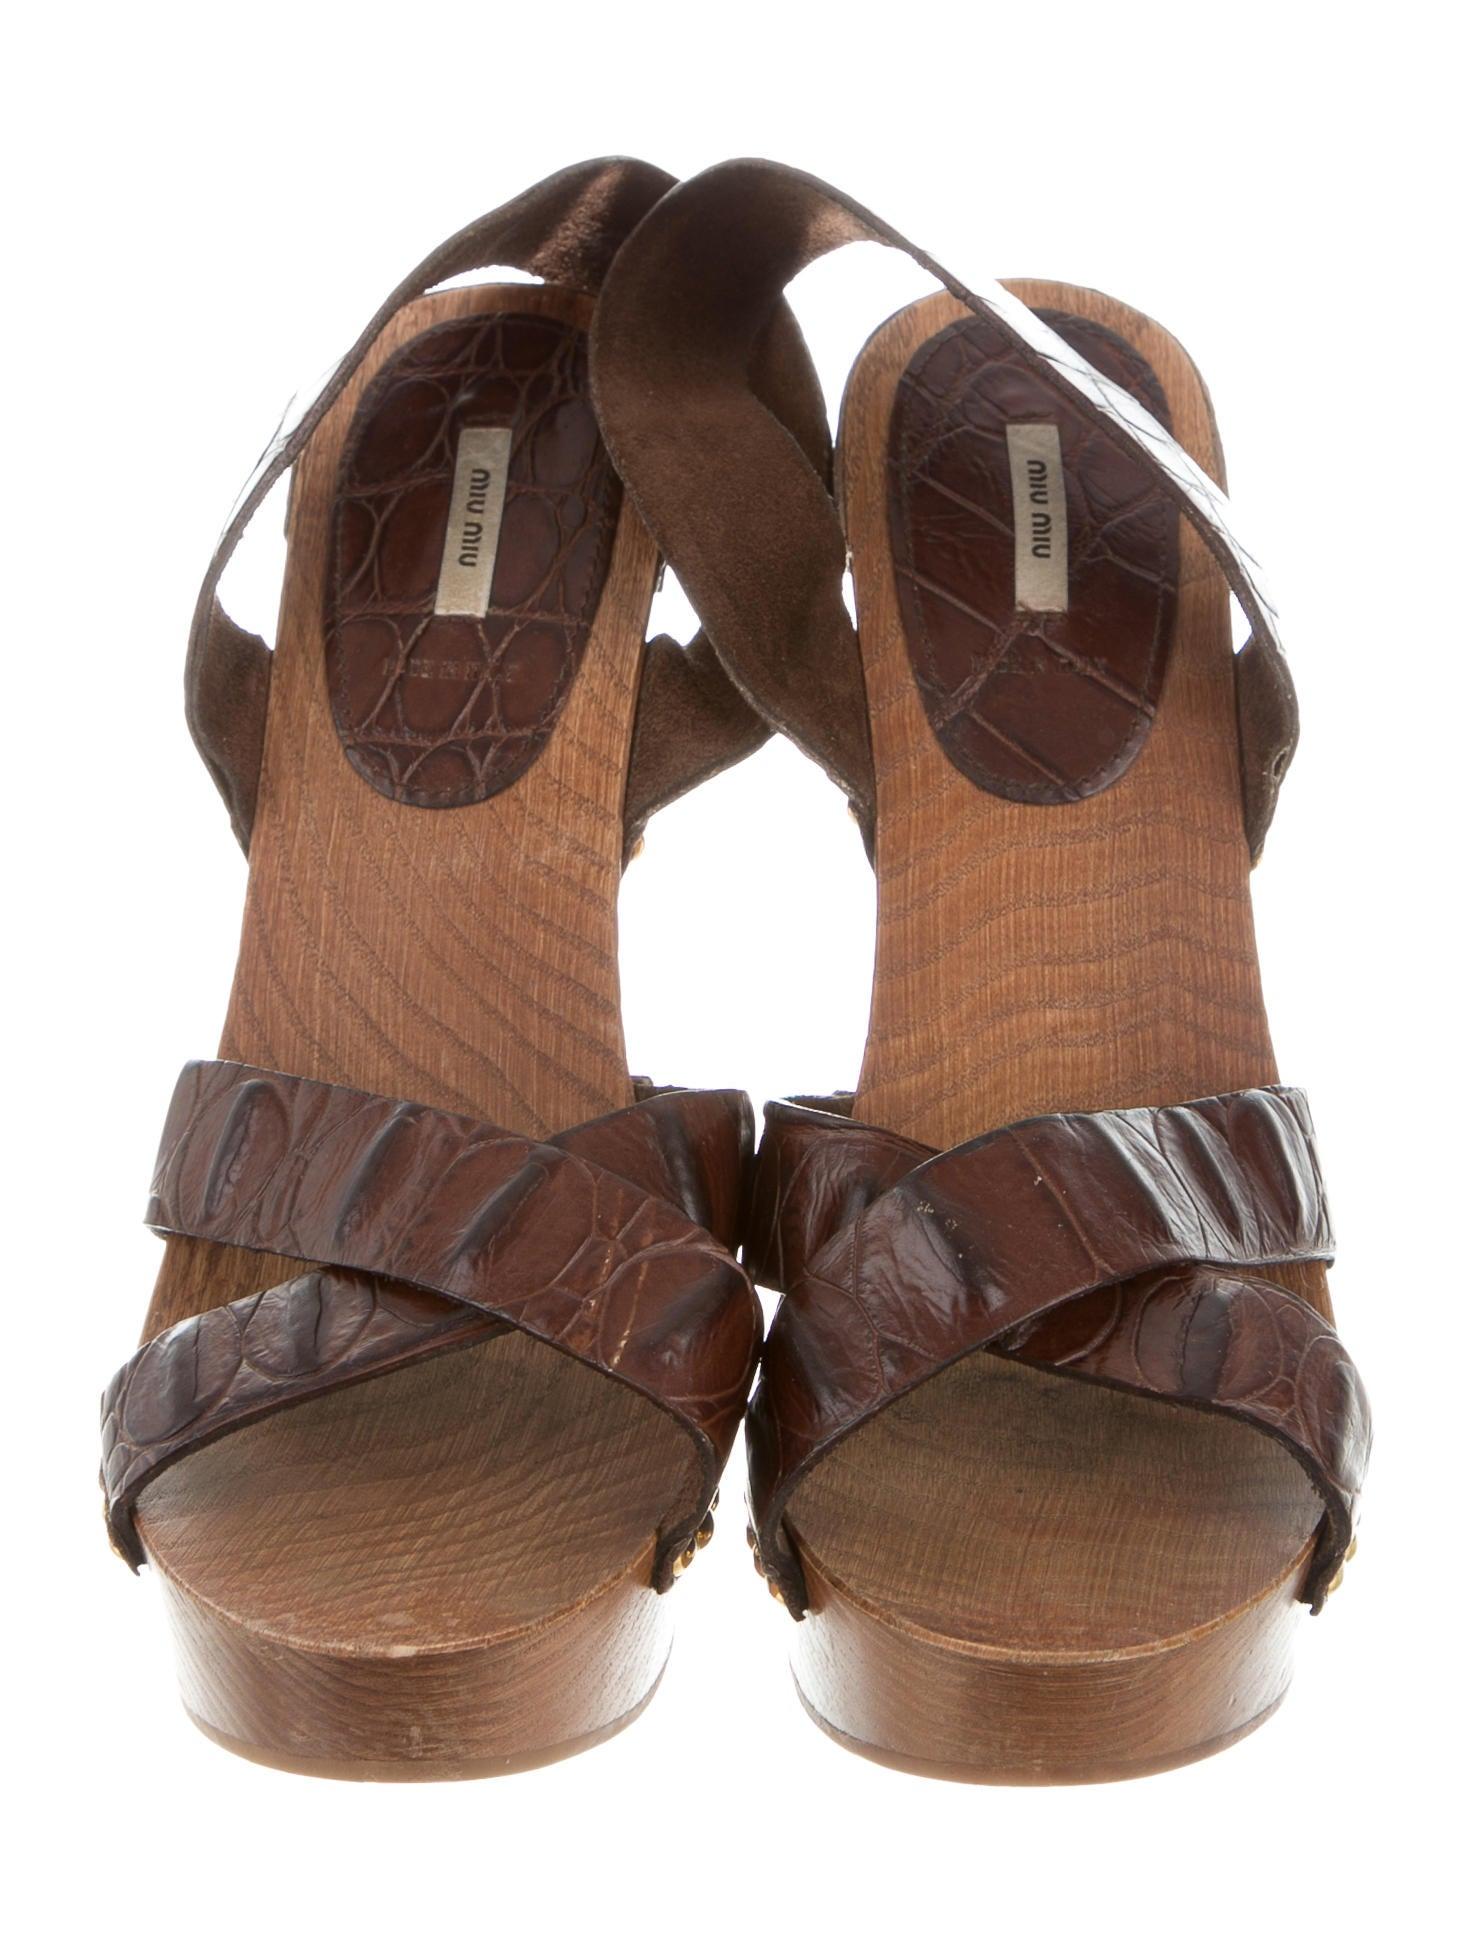 Miu Miu Crocodile Platform Sandals - Shoes